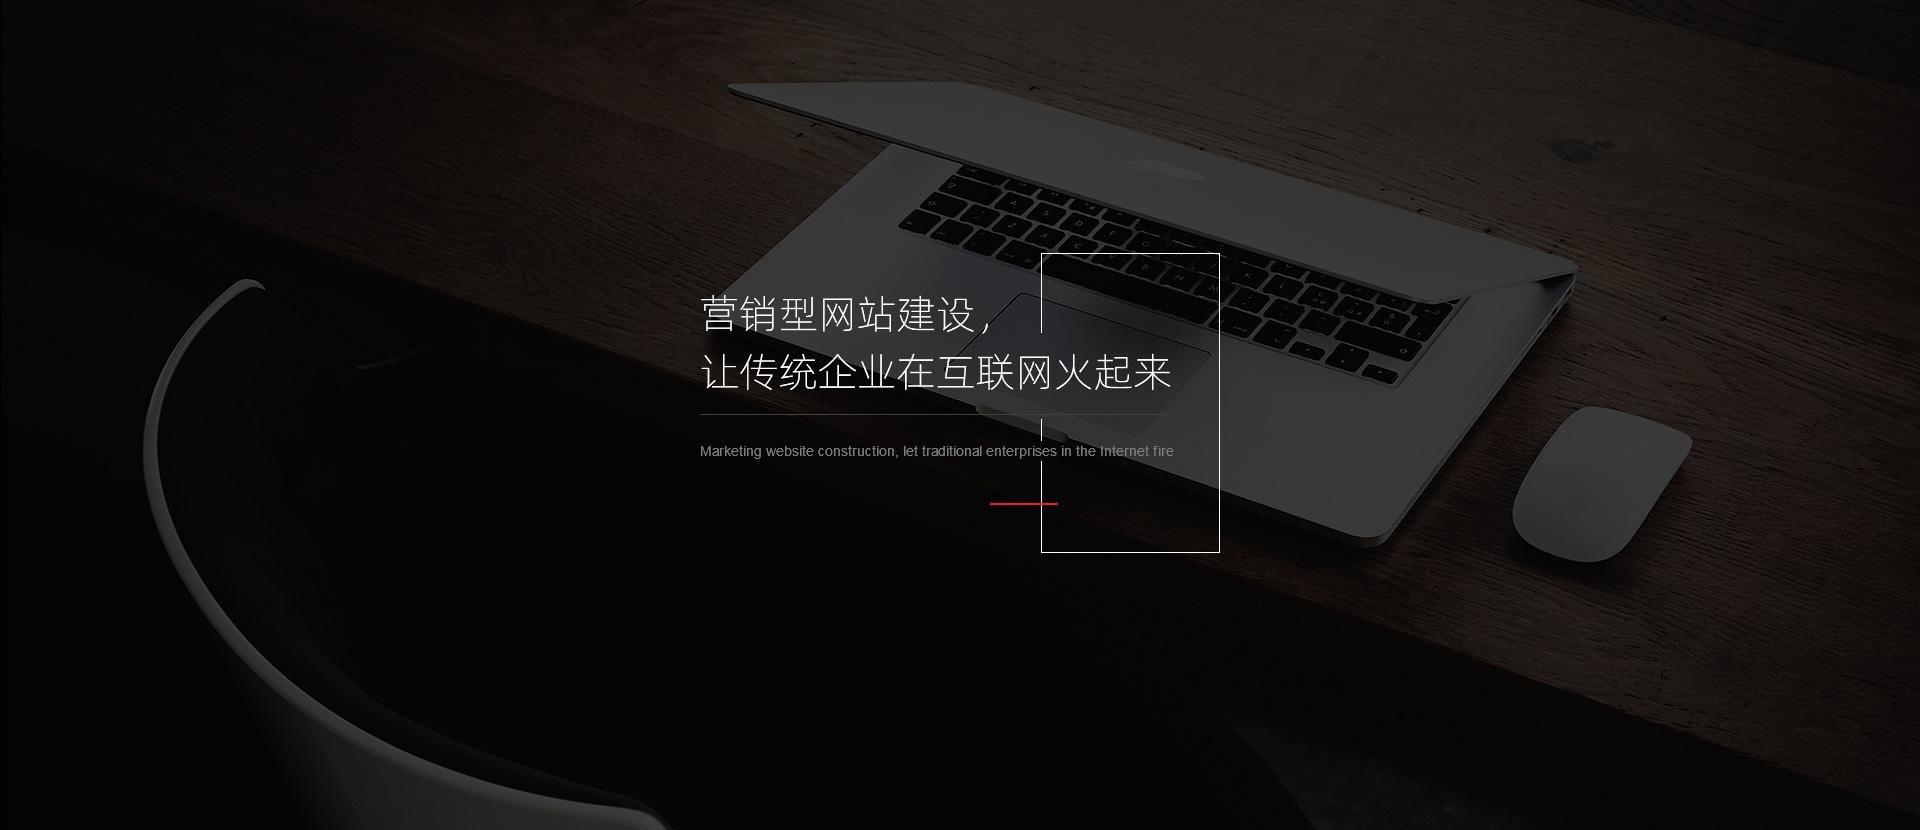 宁夏小程序开发设计